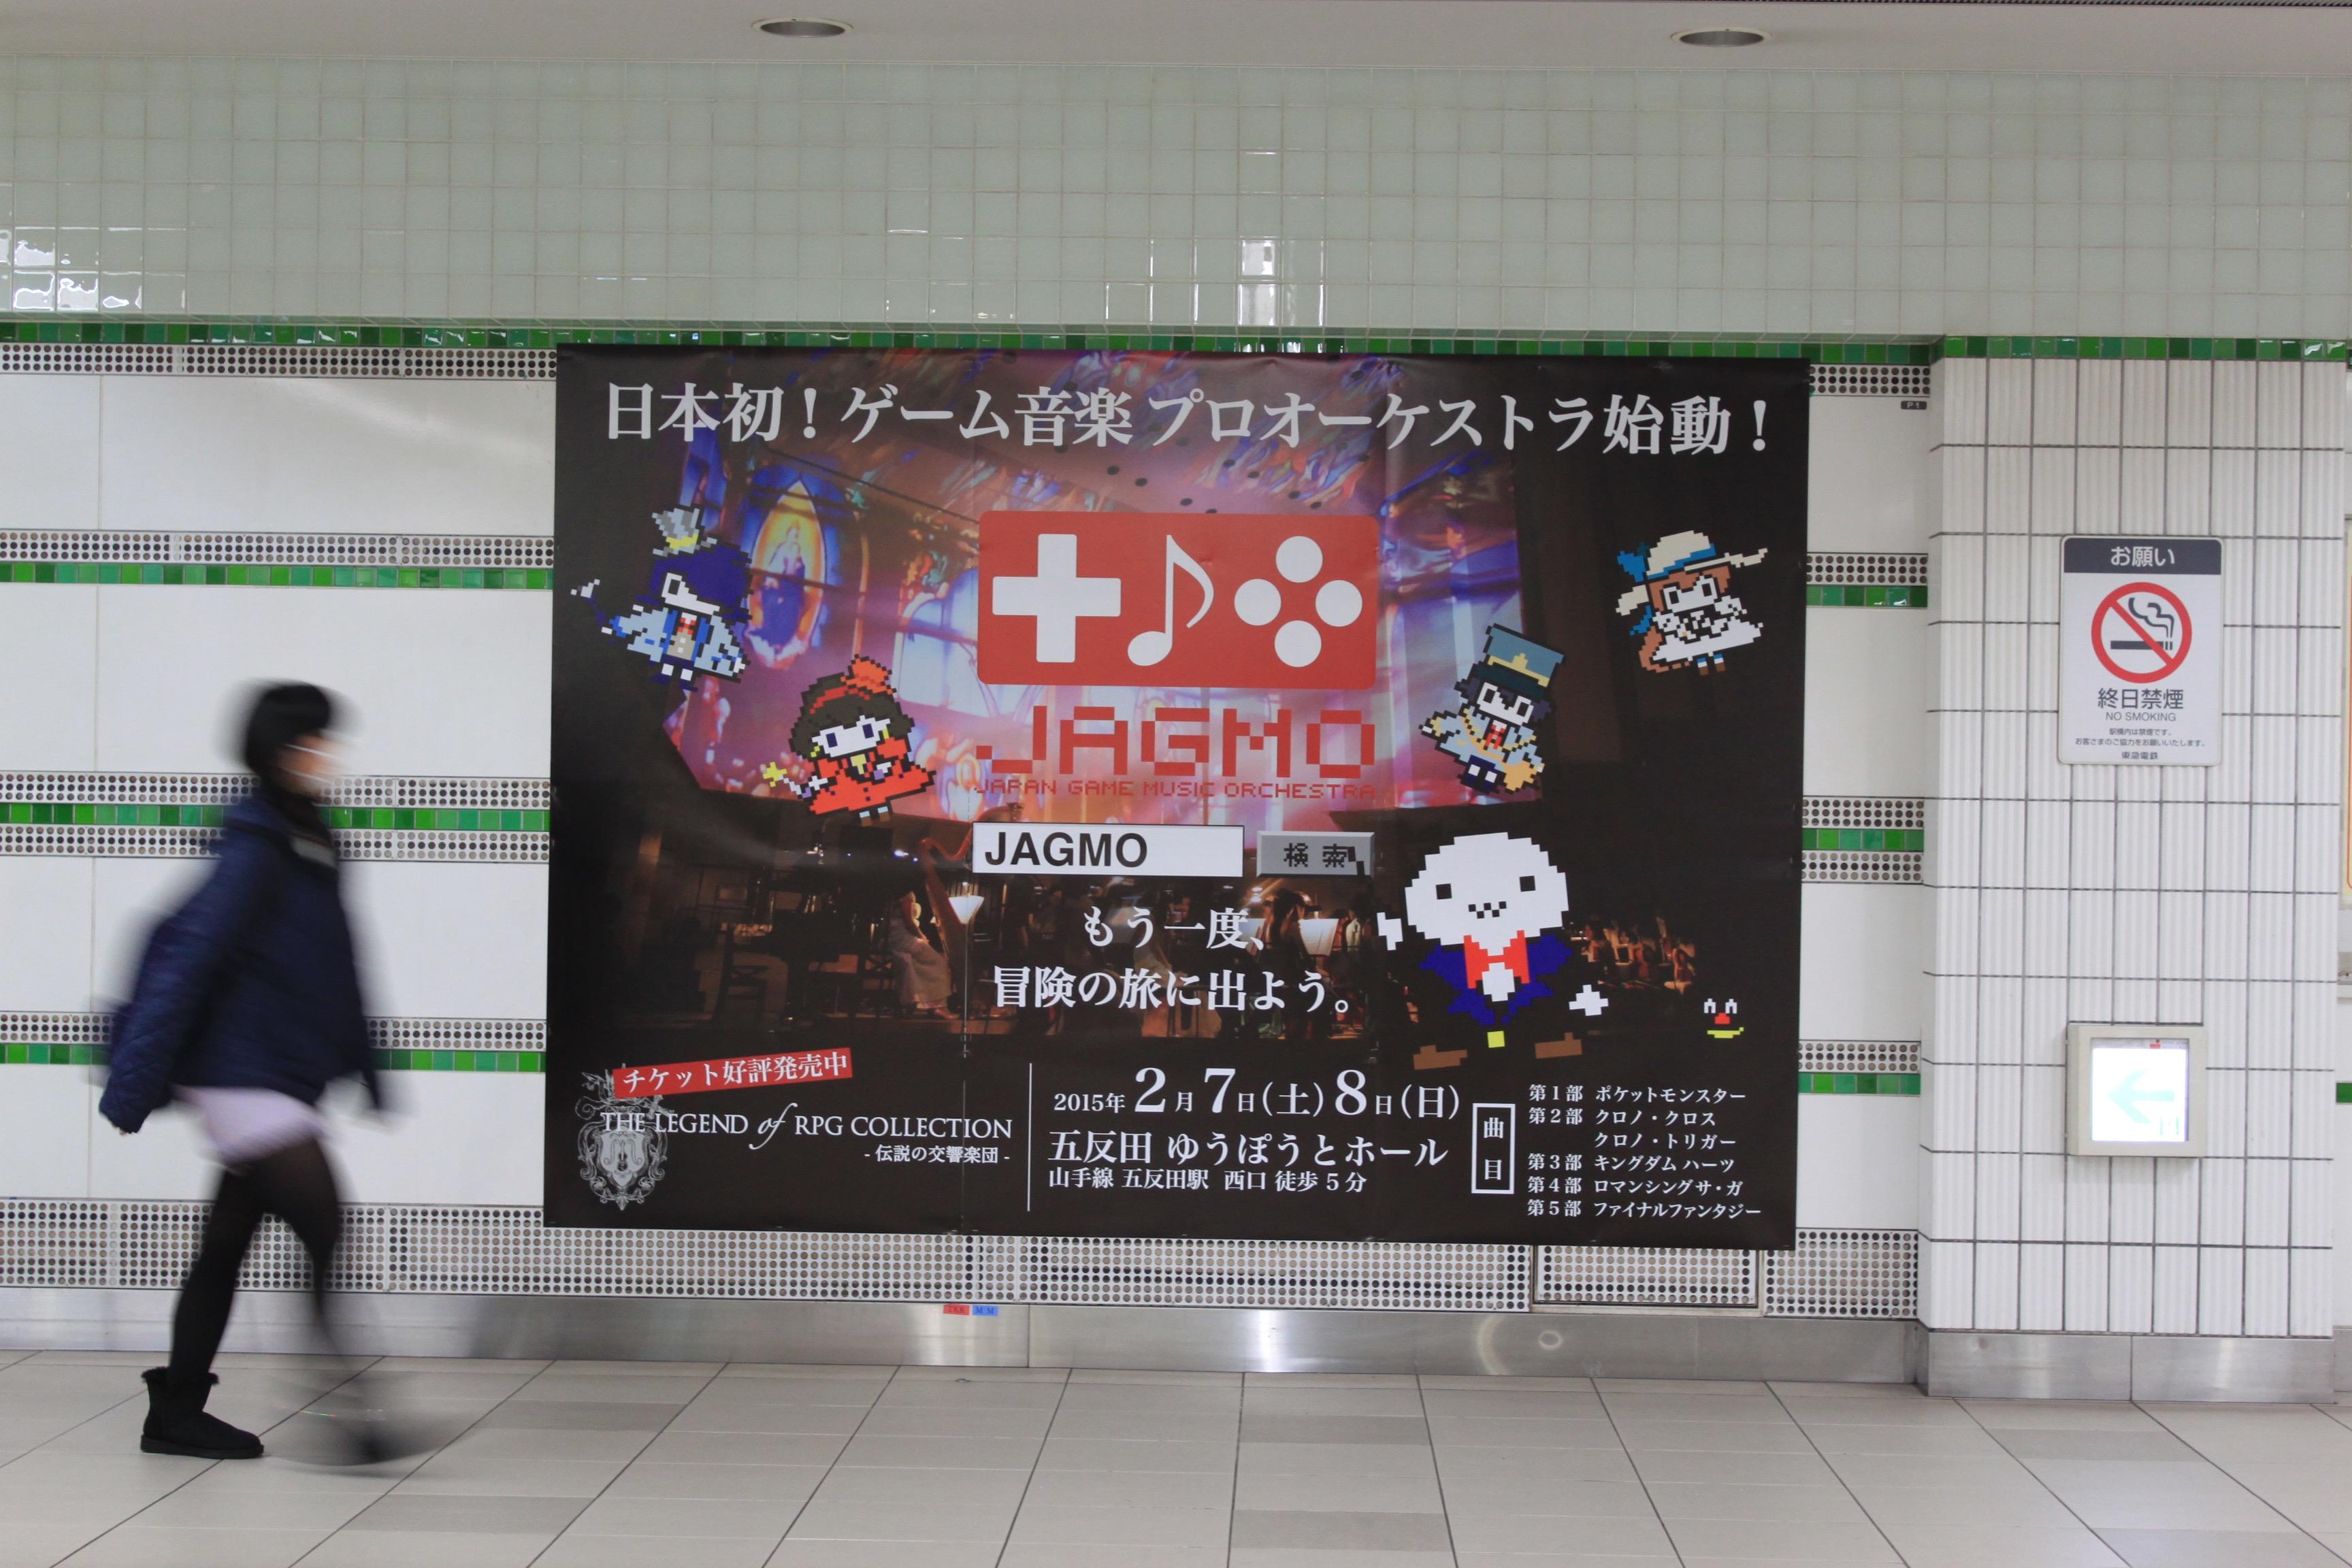 JAGMO 駅広告 東急横浜駅